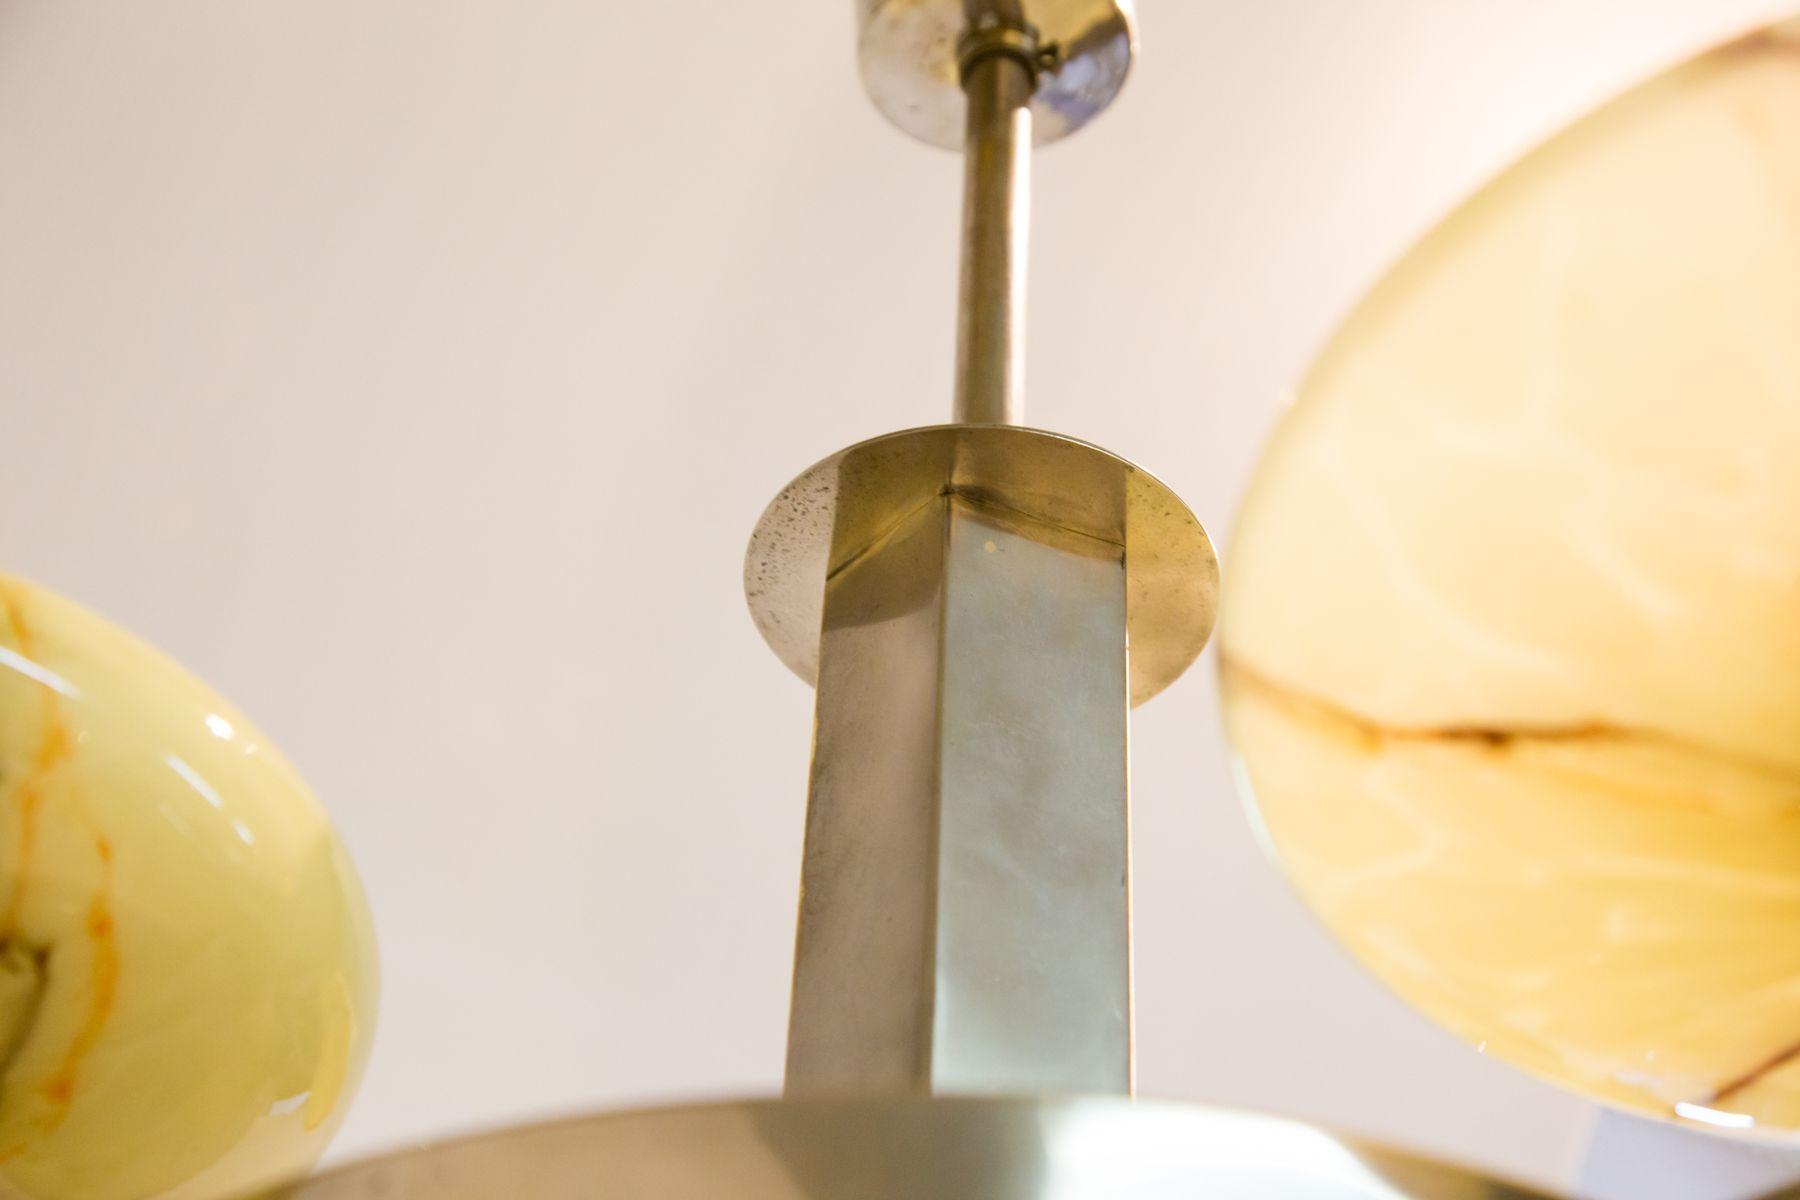 chandelier art d co avec structure plaqu e nickel et abat jour en verre en vente sur pamono. Black Bedroom Furniture Sets. Home Design Ideas